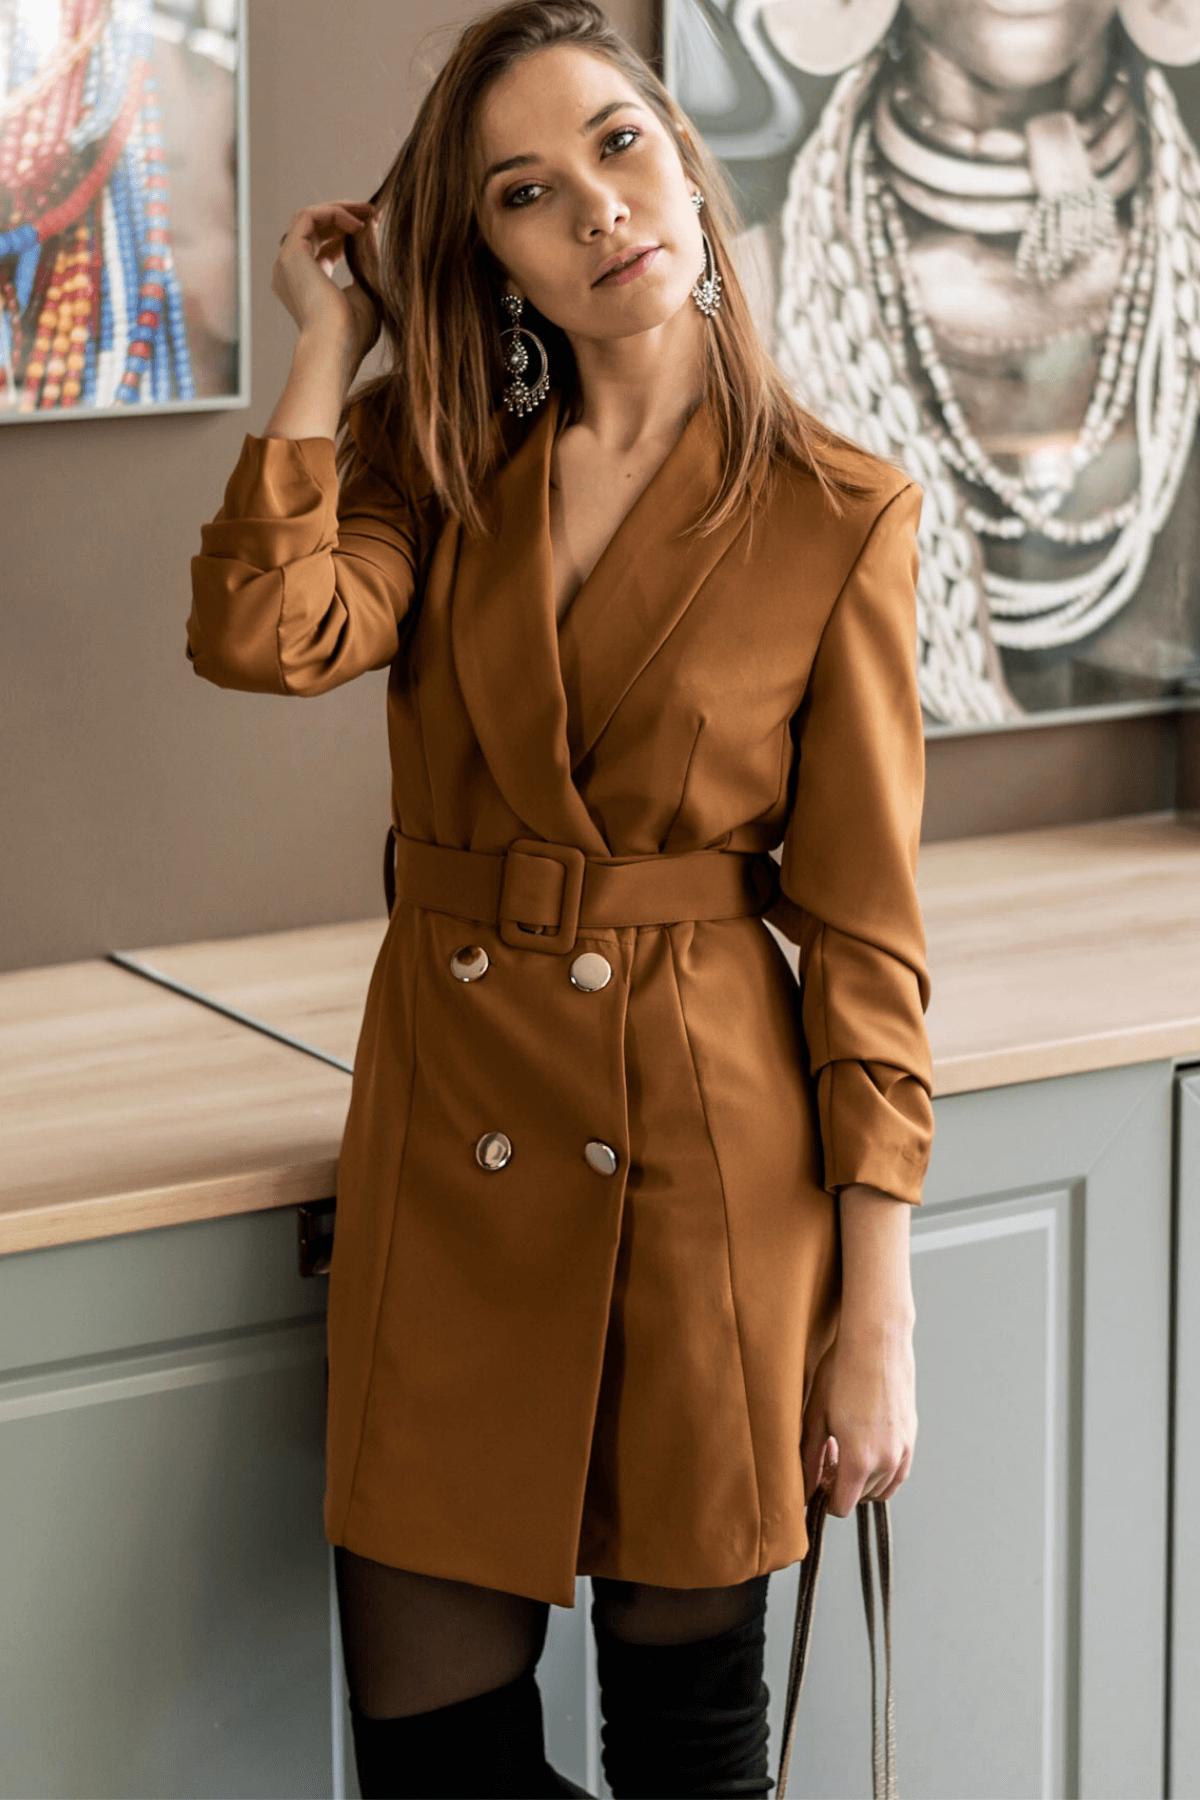 tendance robe blazer